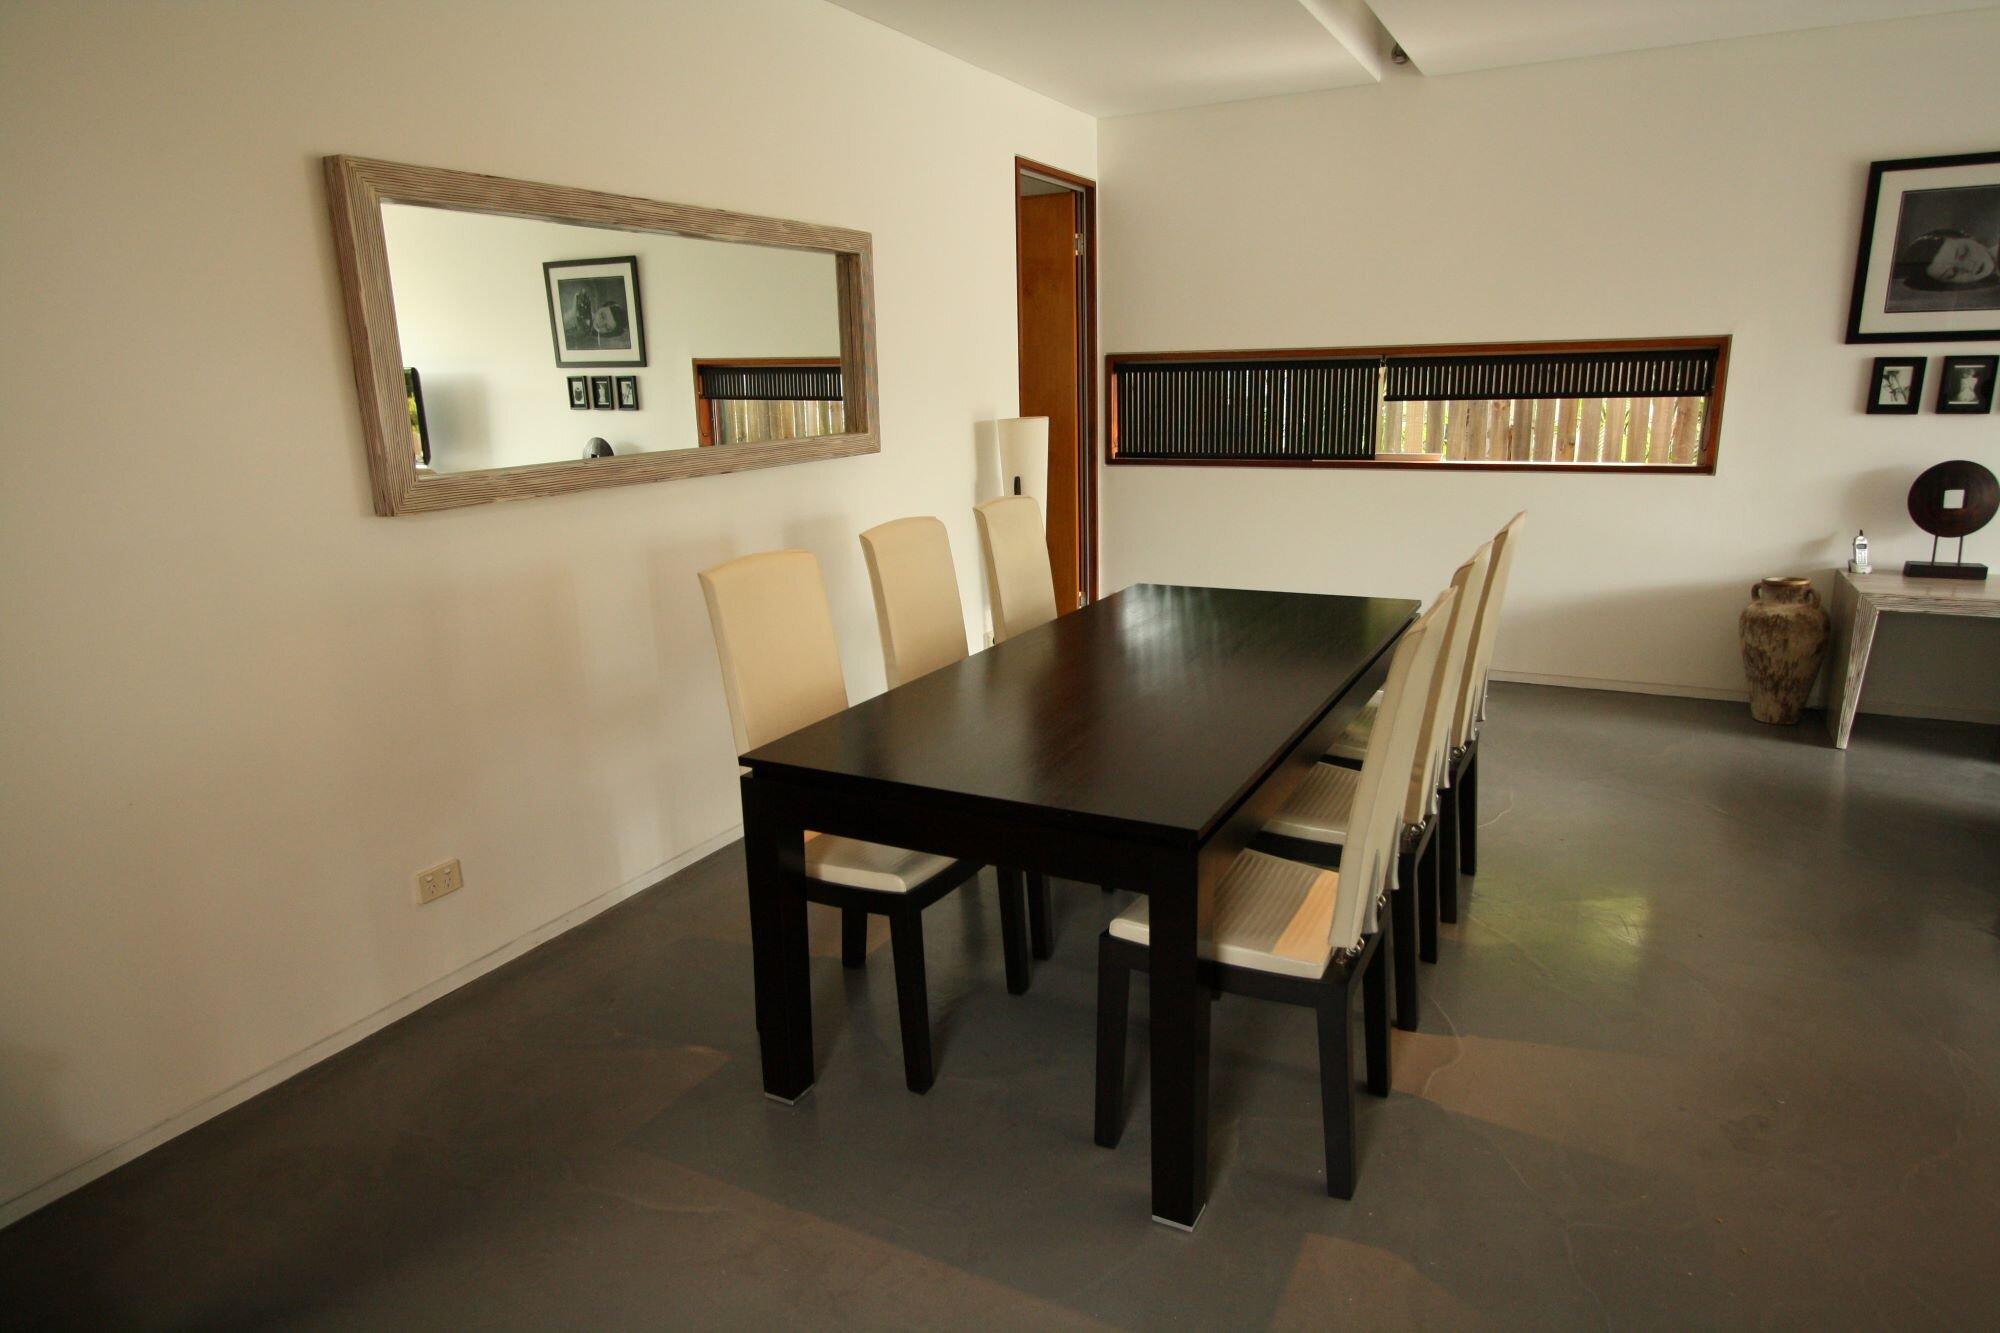 matt black dining table.jpg